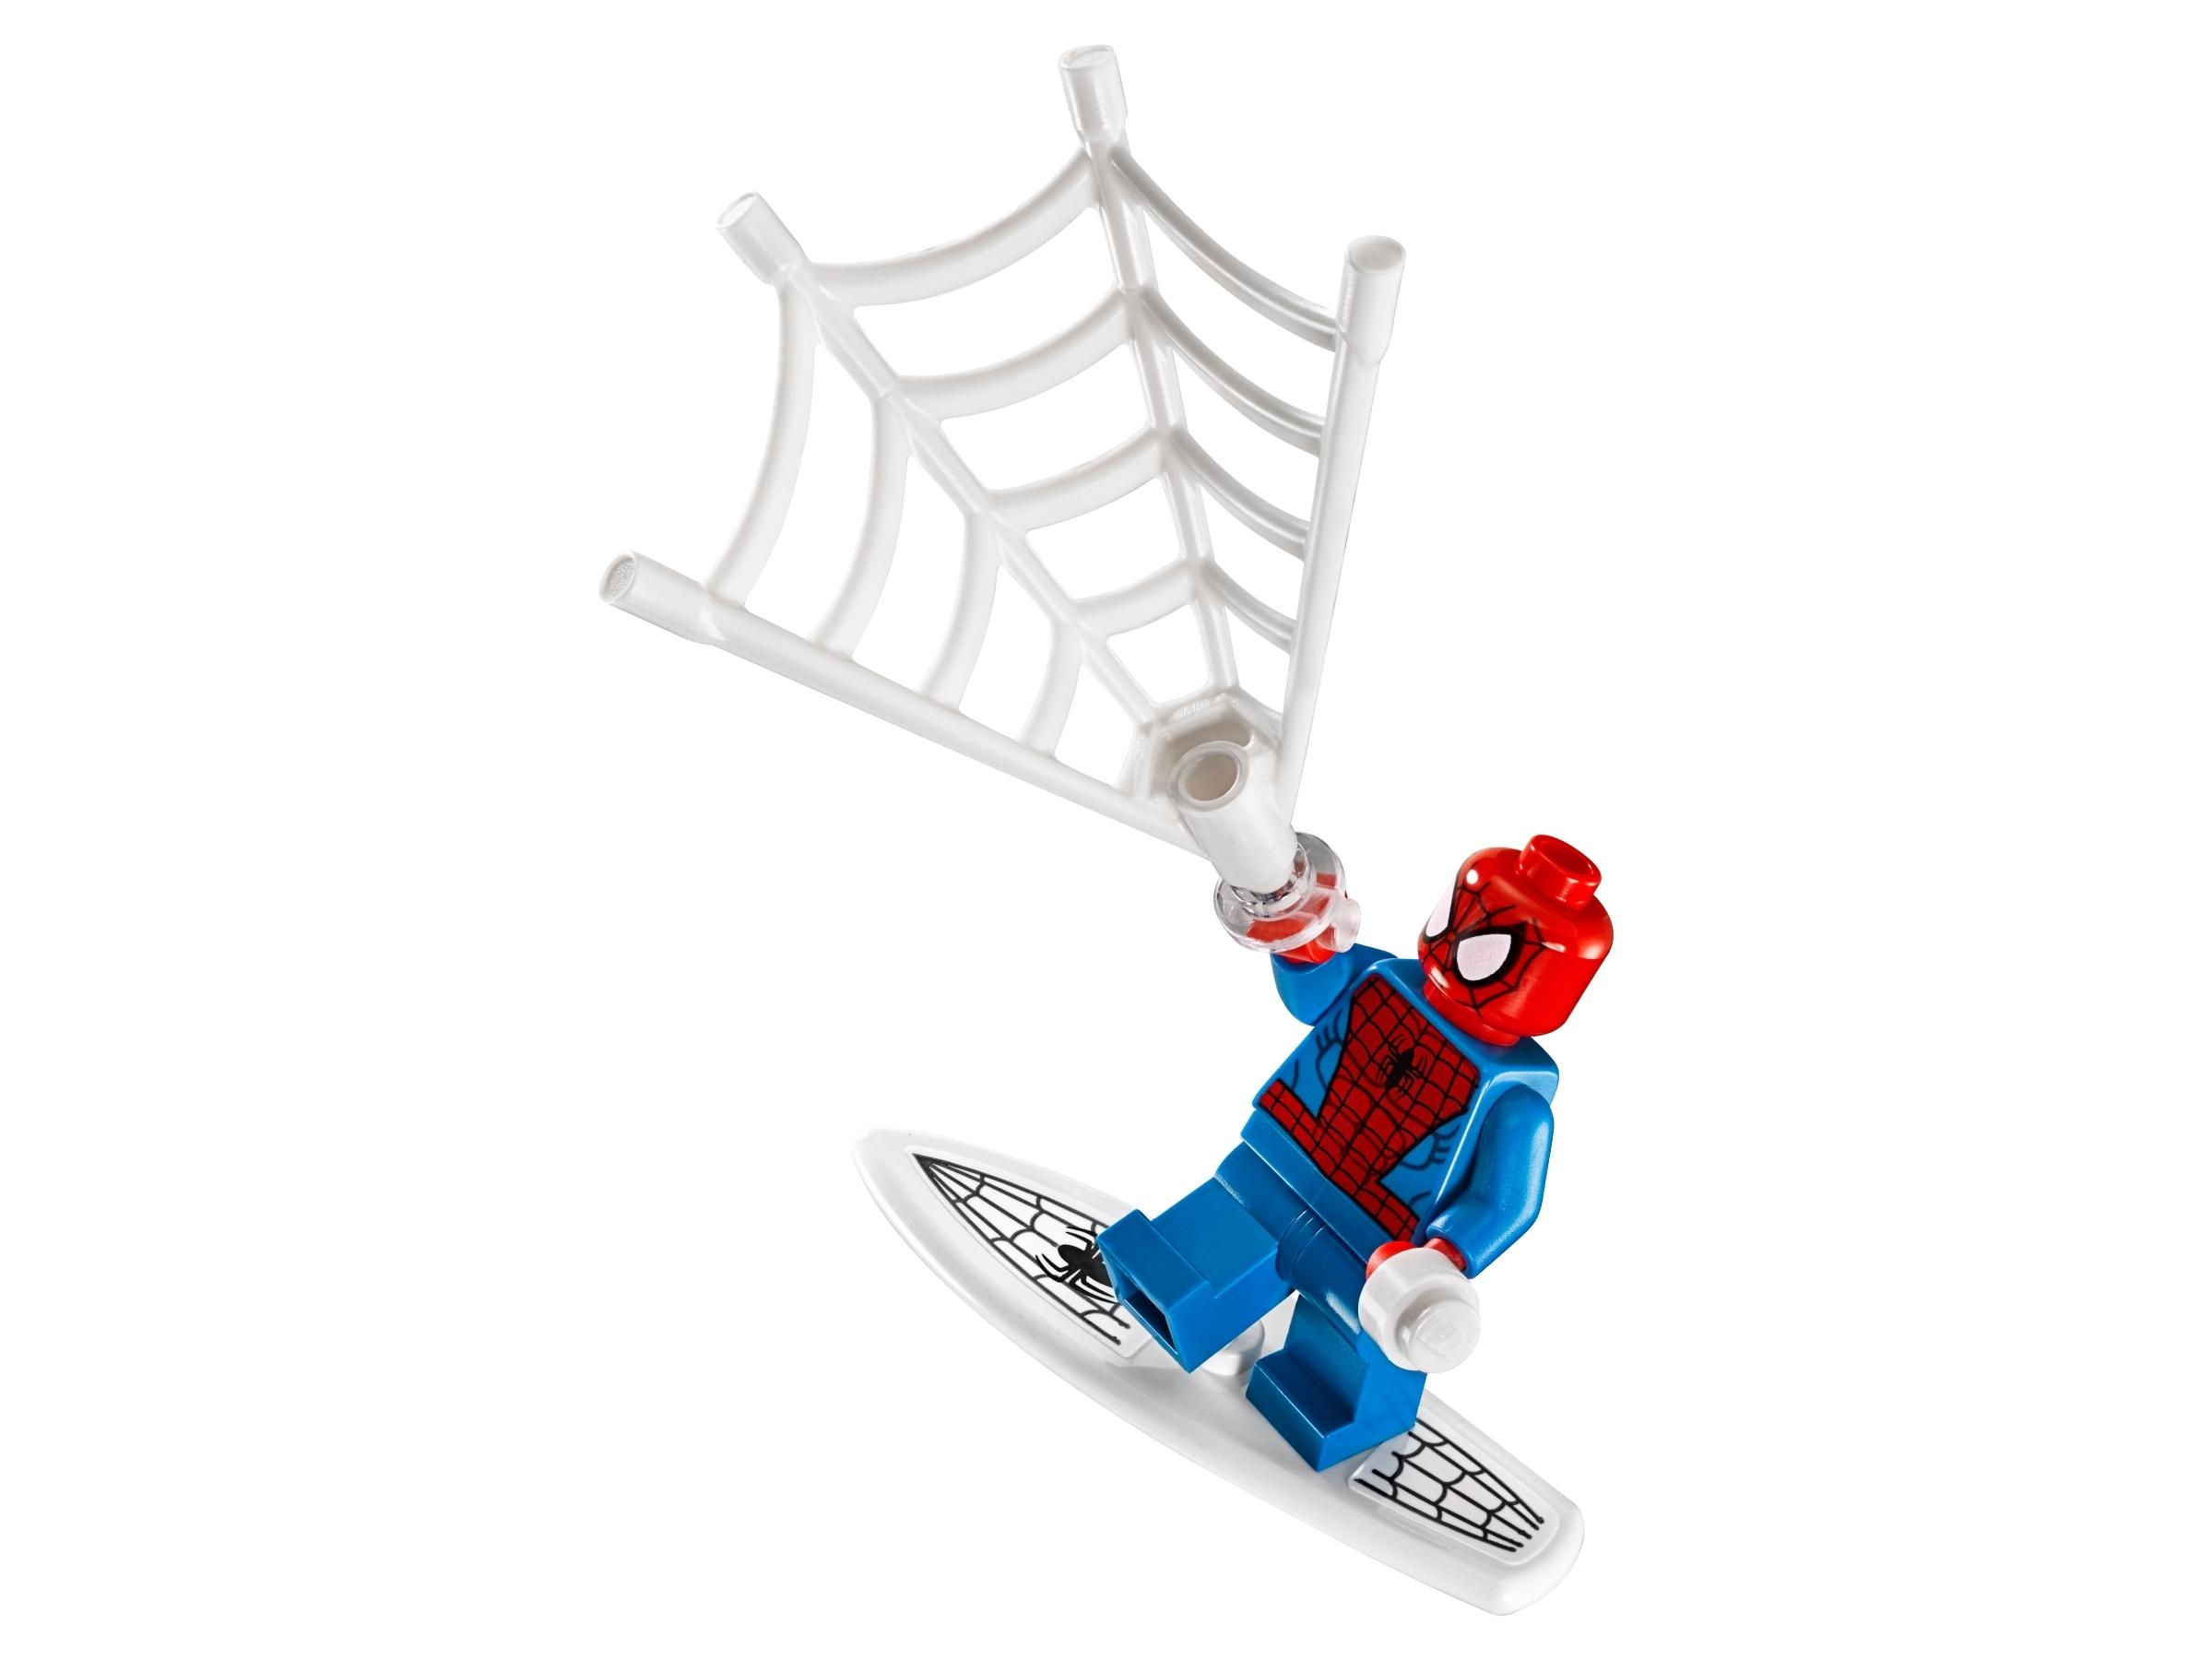 NUEVO Spider-Man Lego 76059 Trampa tentaculosa de Doc Ock